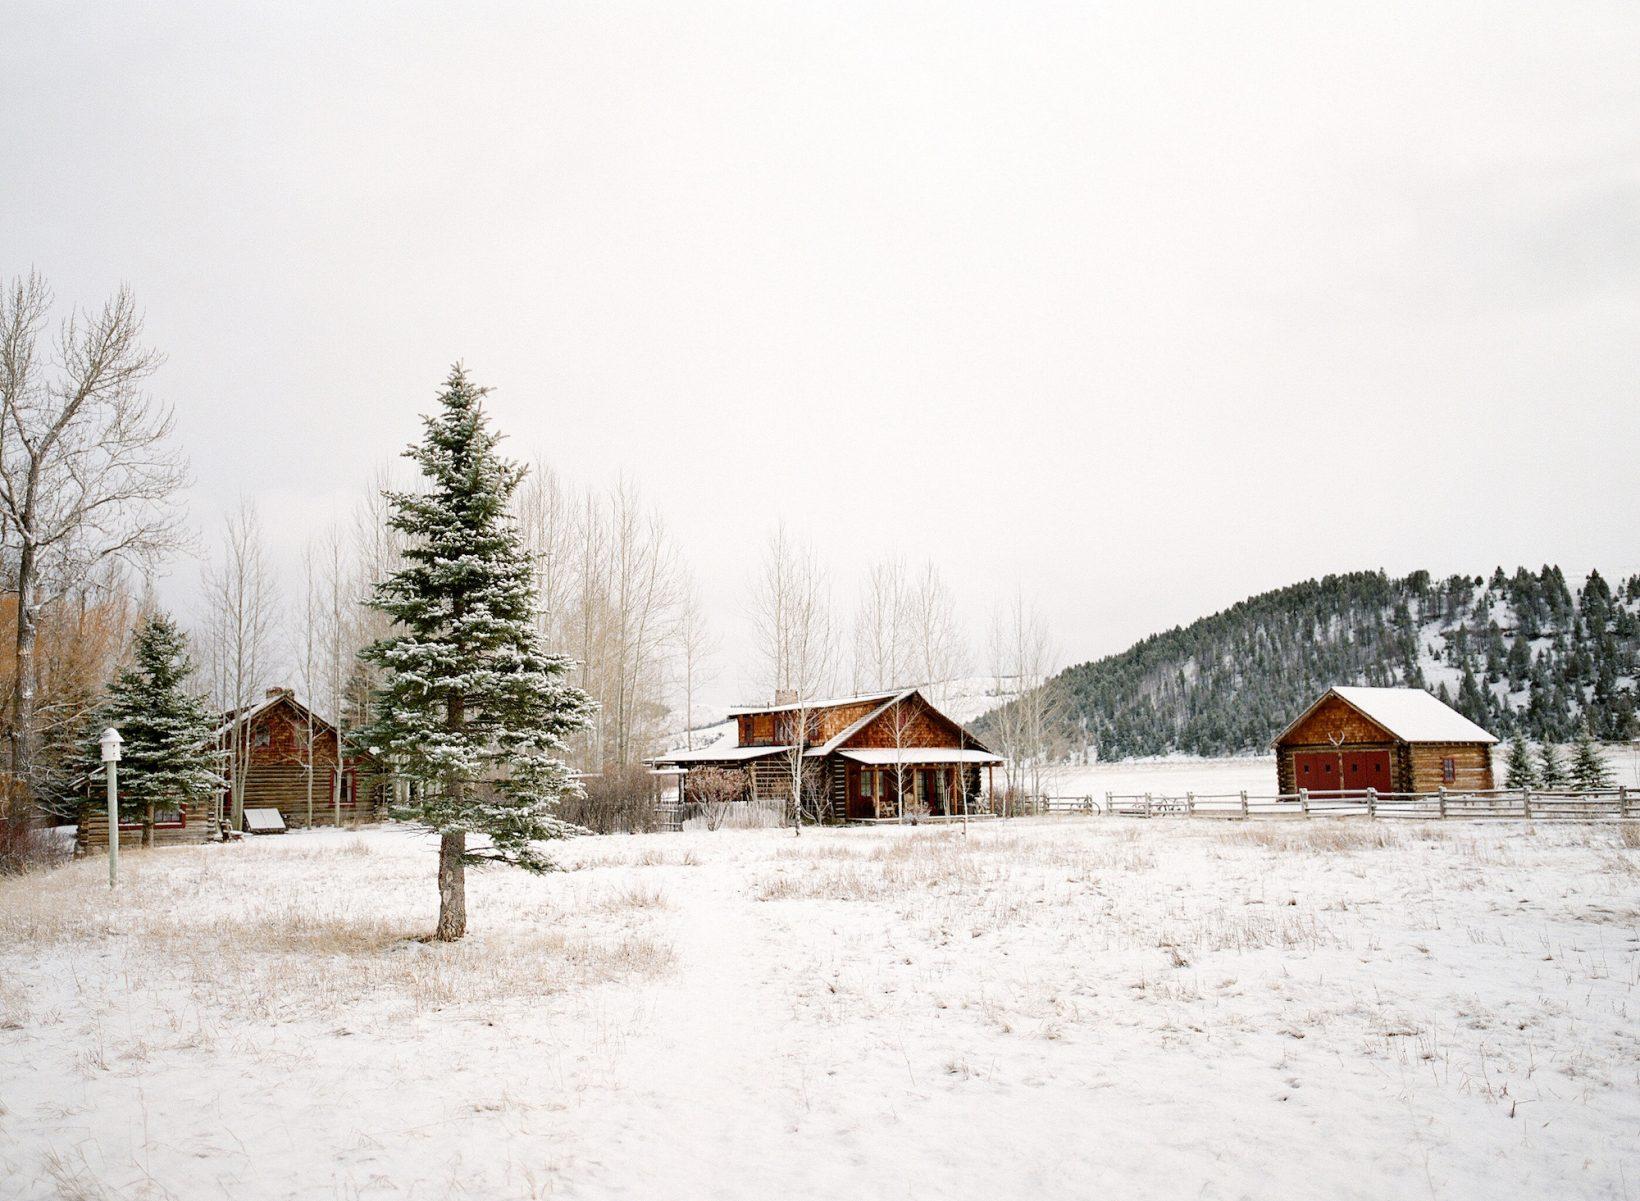 jose-villa-eagles-perch-winter-landscape